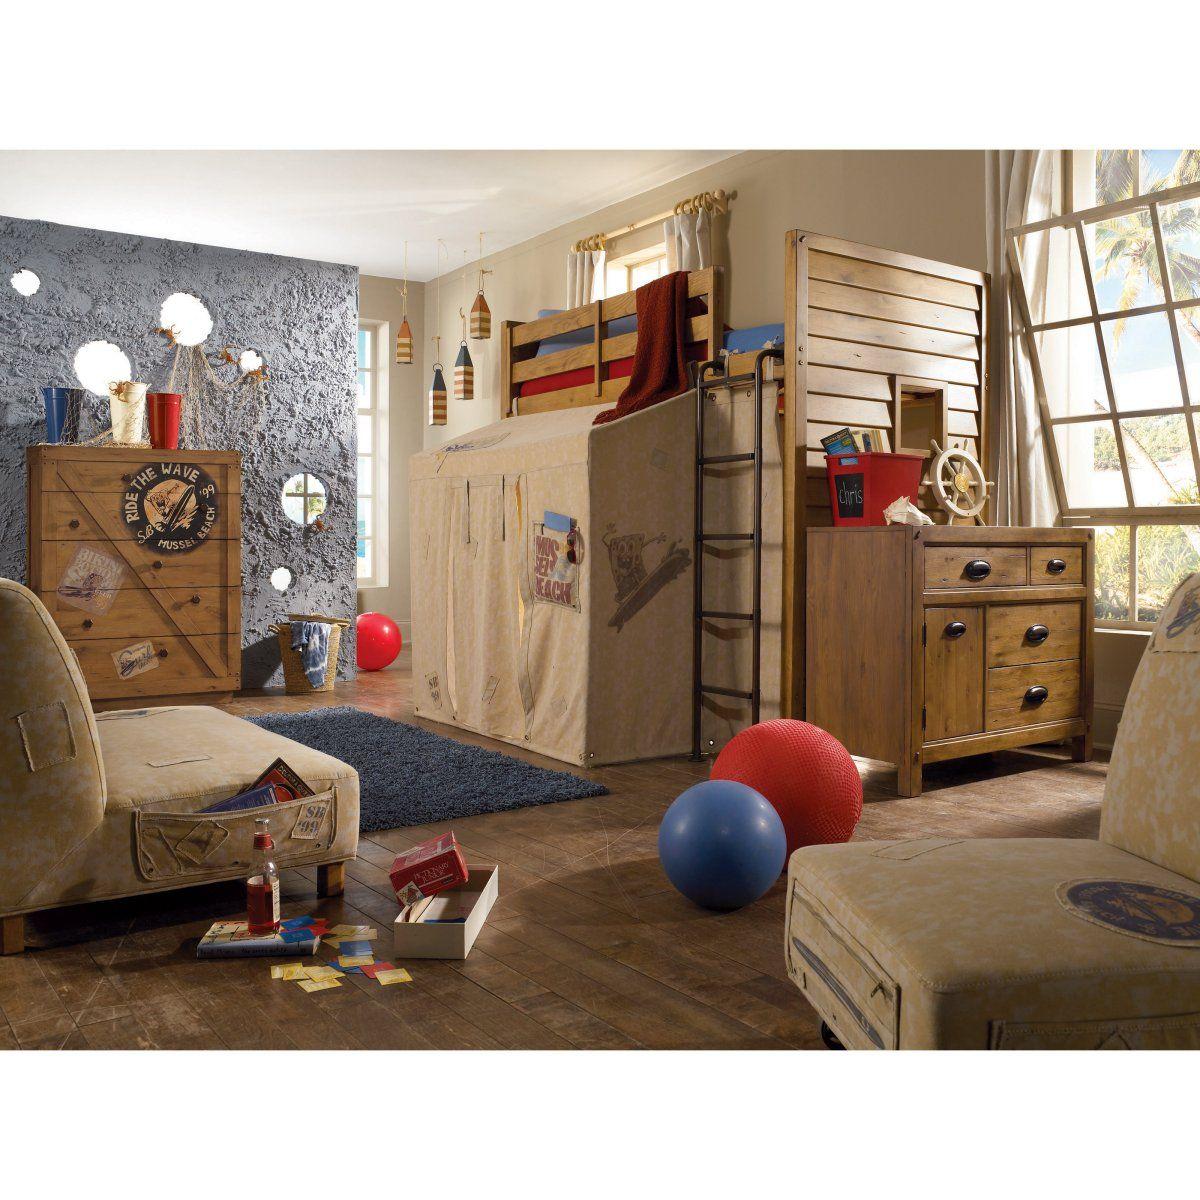 Loft bedroom ideas kids  Sponge Bob Loft bed  My home in the future  Pinterest  Sponge bob